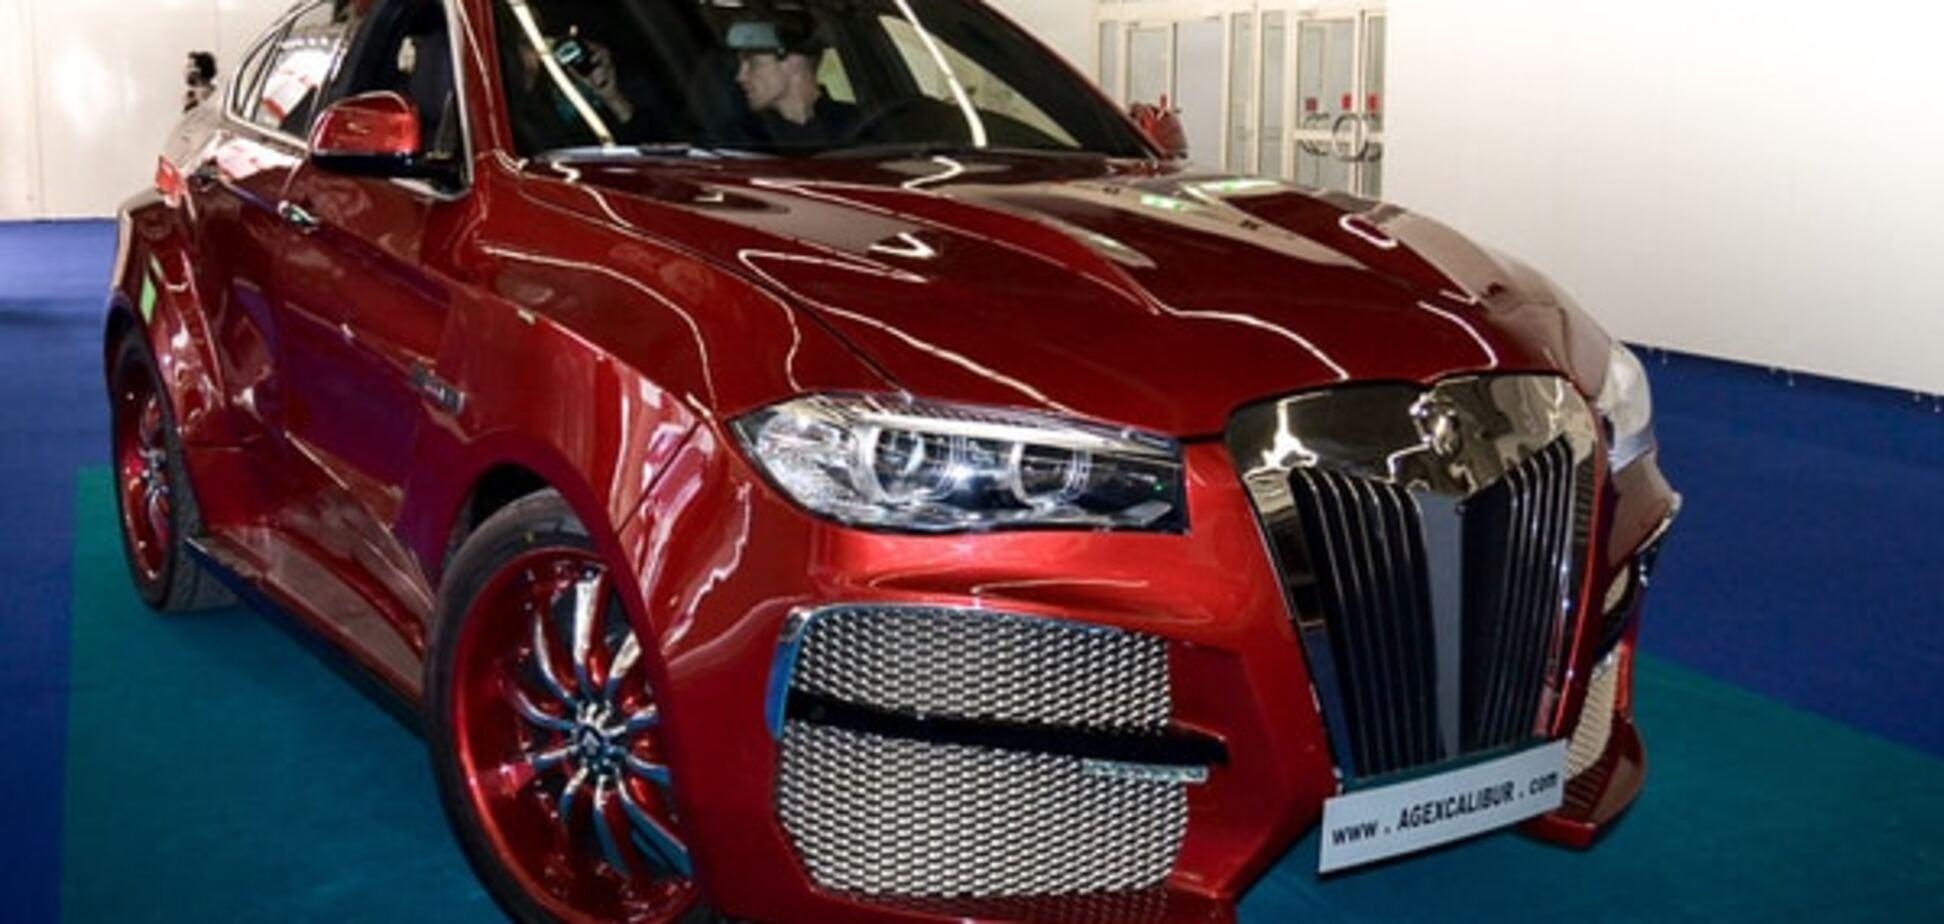 Франкфуртський автосалон: 'страхітливий монстр' X6 Alligator від BMW